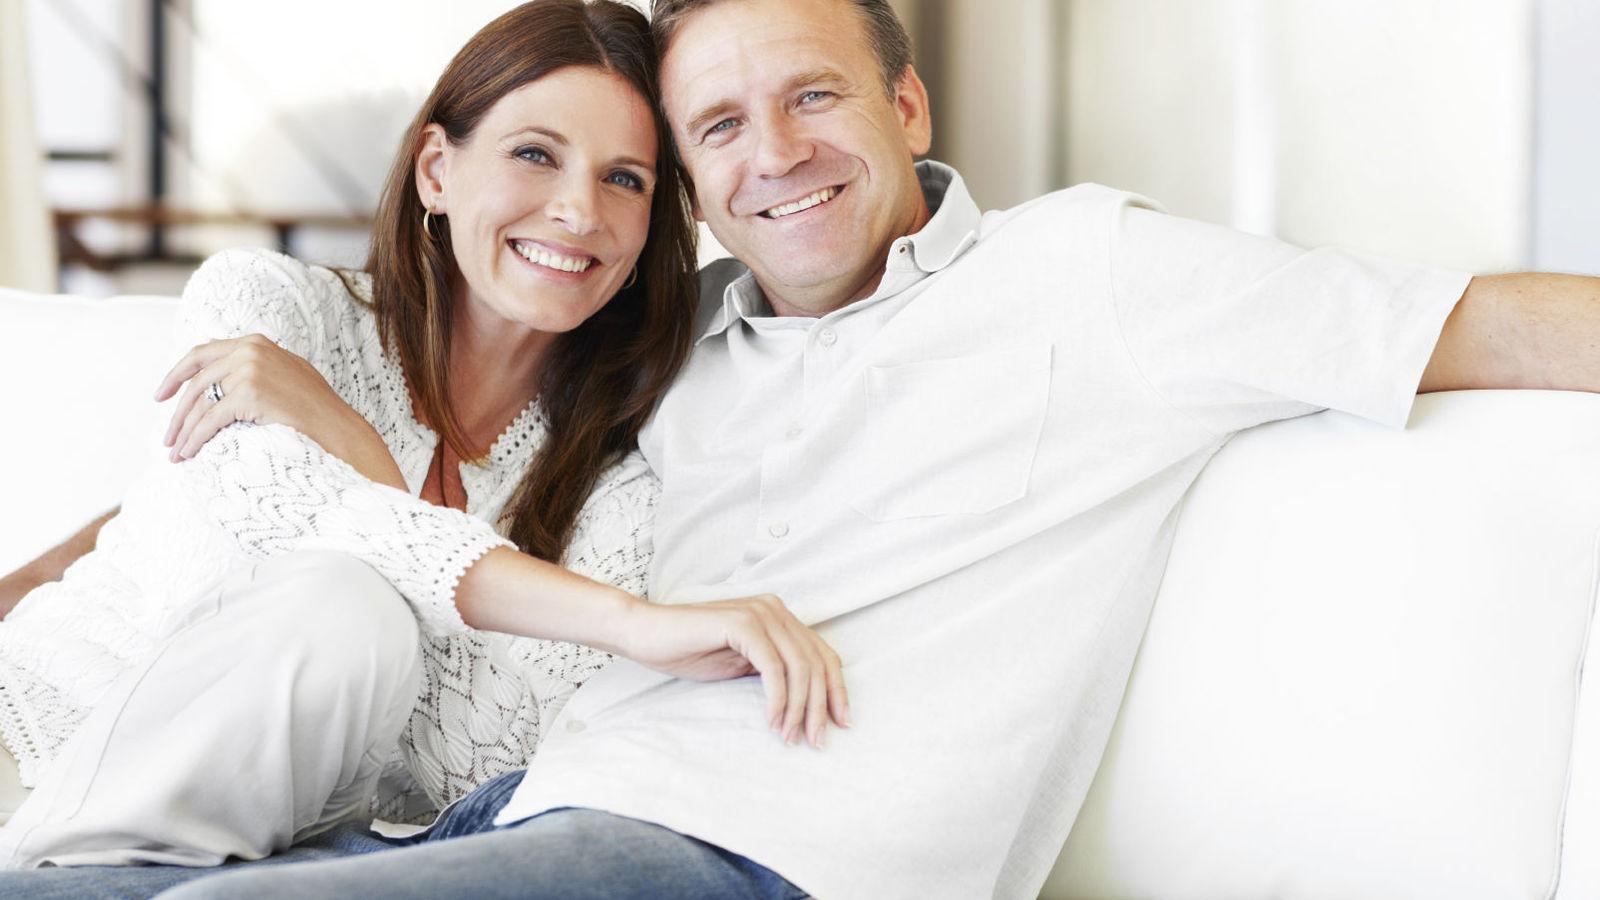 el-mayor-estudio-academico-descubre-el-secreto-de-las-parejas-felices